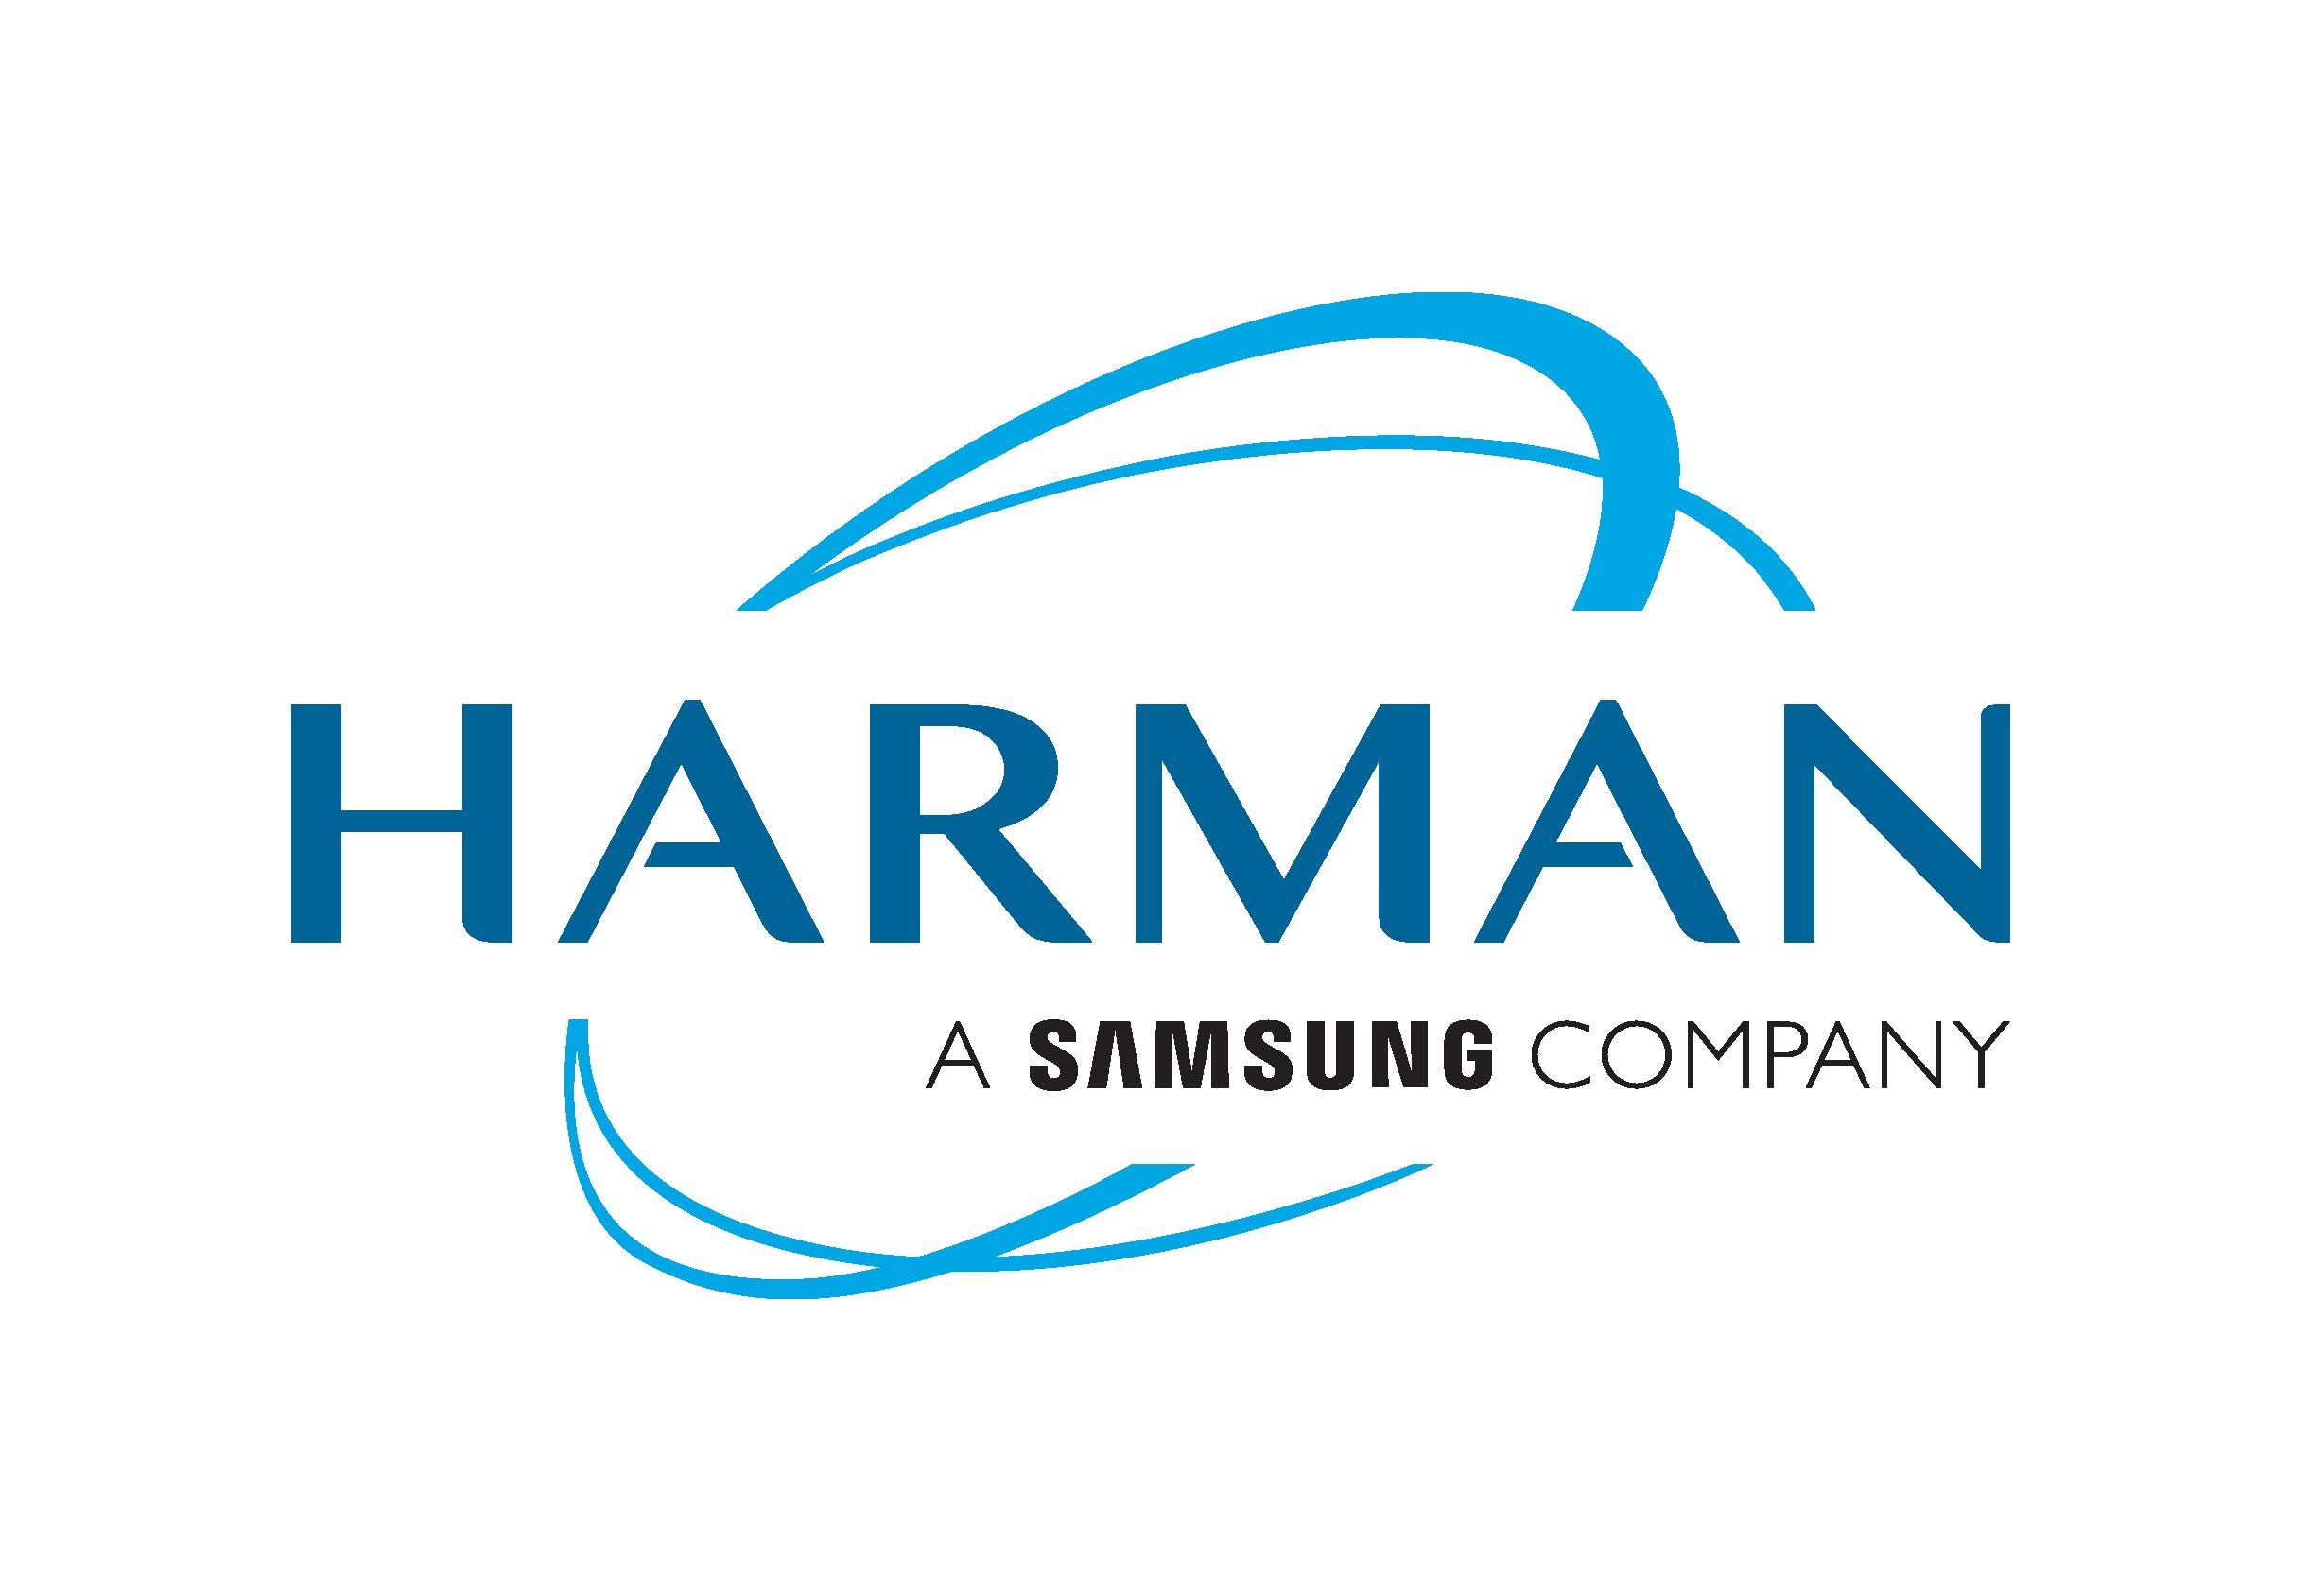 Harman-Vn